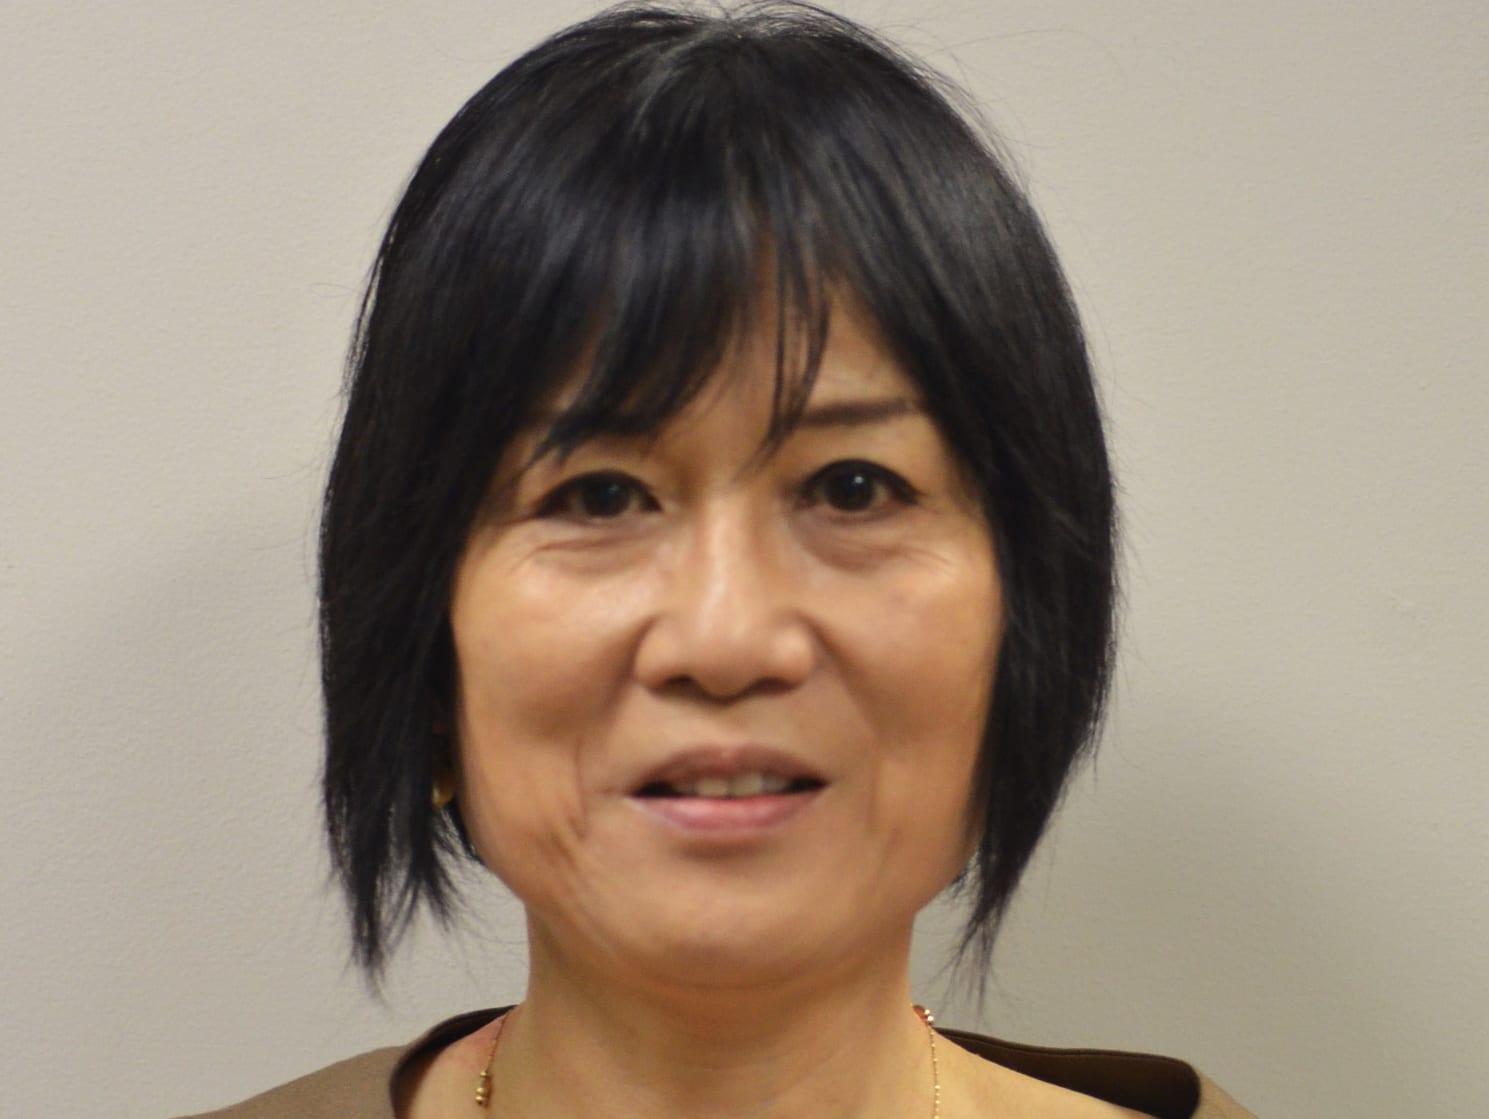 Yoshiko Pragaer (Nishimura)